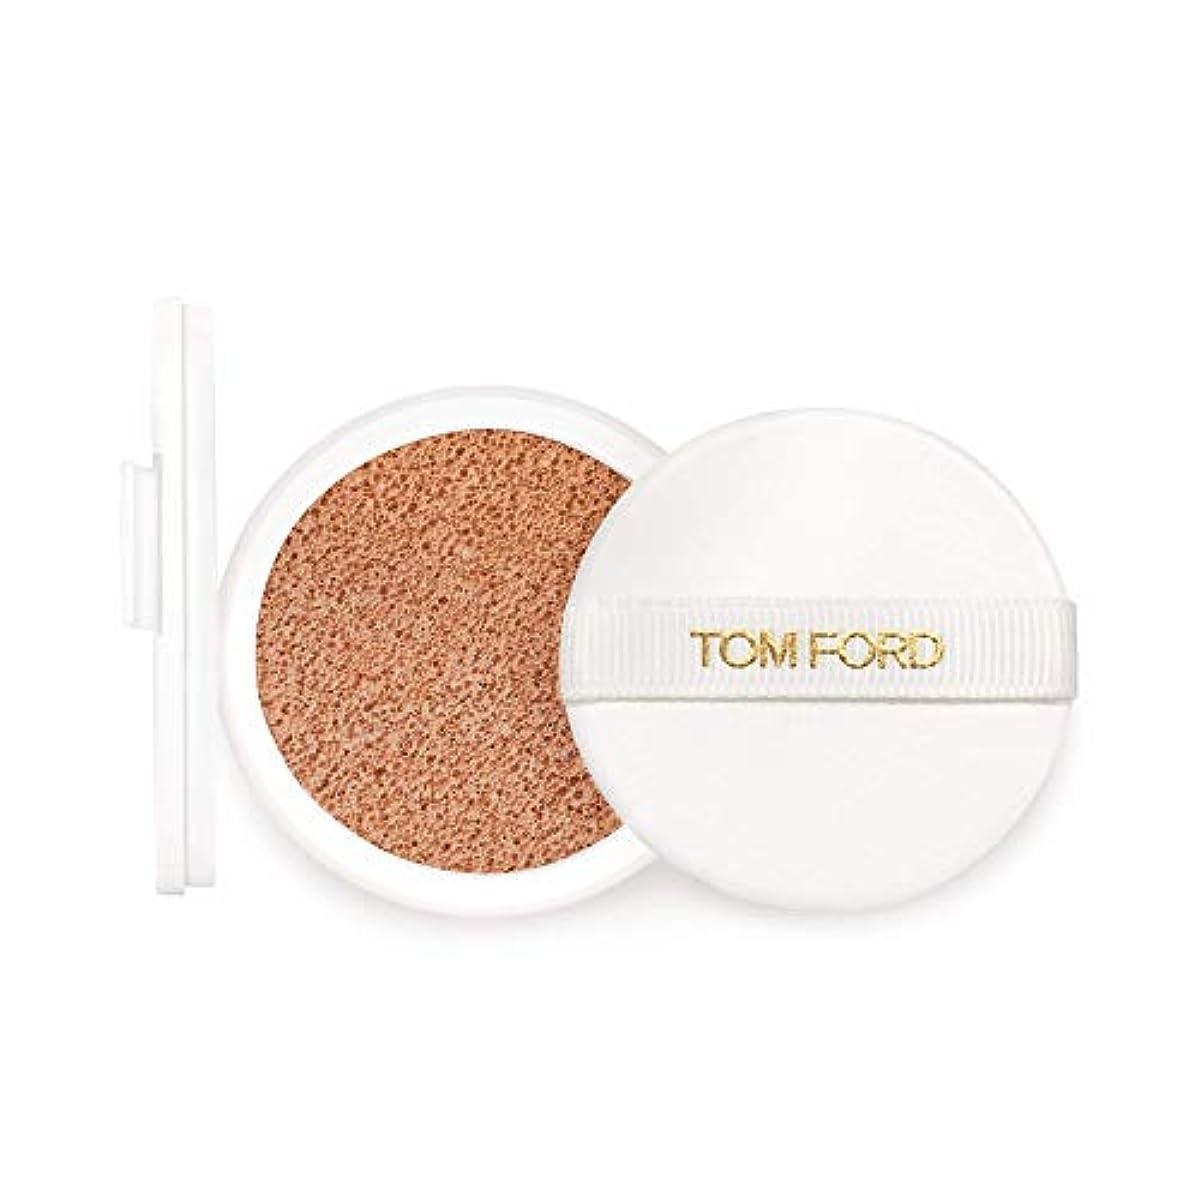 ためらう印象的放射能TOM FORD BEAUTY(トム フォード ビューティ) ソレイユ グロウ トーン アップ ファンデーション SPF40 ハイドレーティング クッション コンパクト 12g (1 ローズ グロウ トーン アップ)